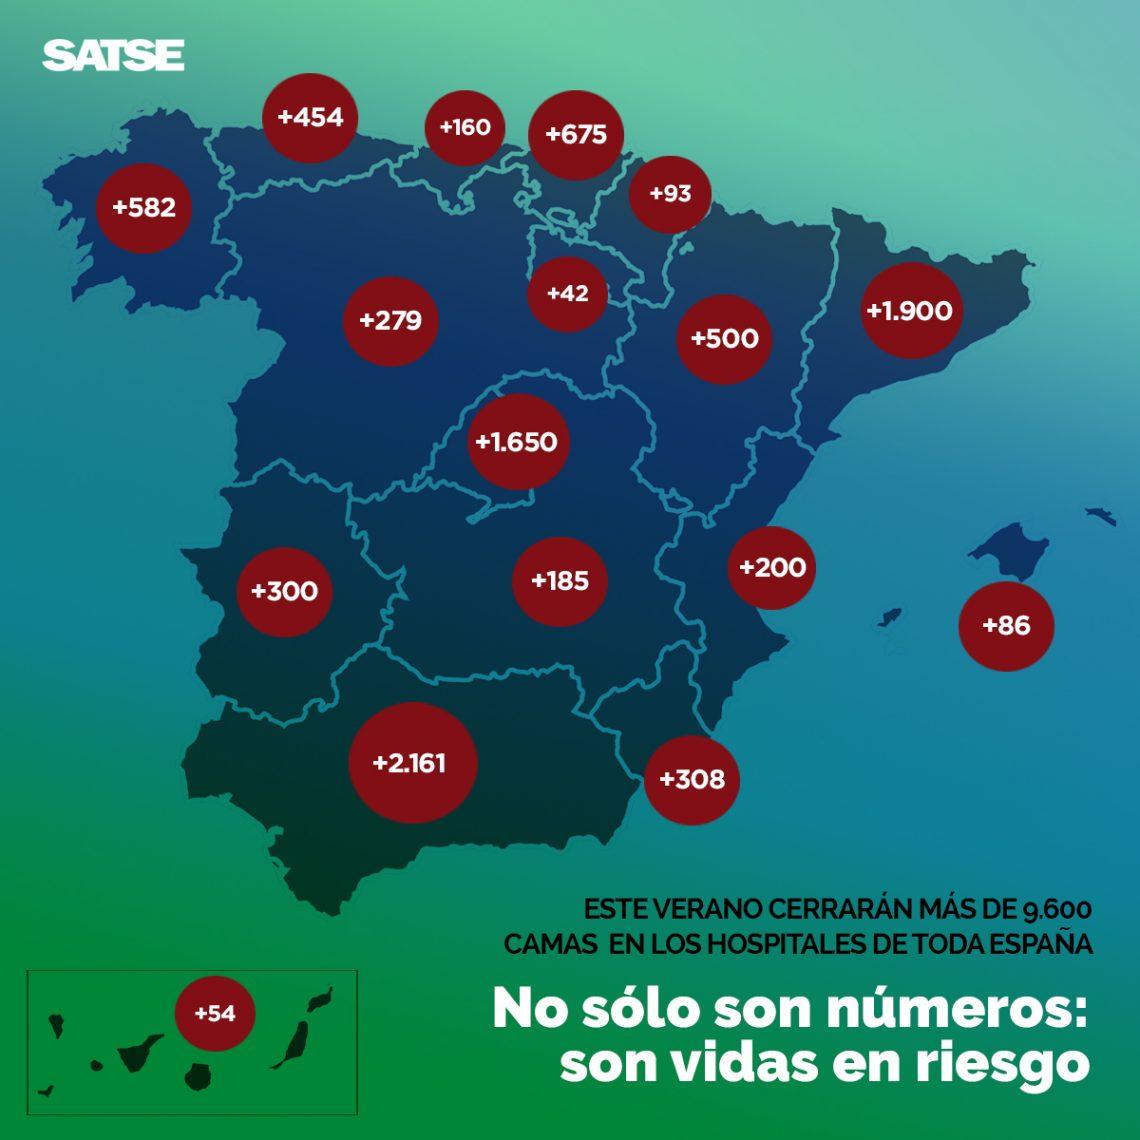 Recortes de verano en Sanidad: 9.600 camas cerradas